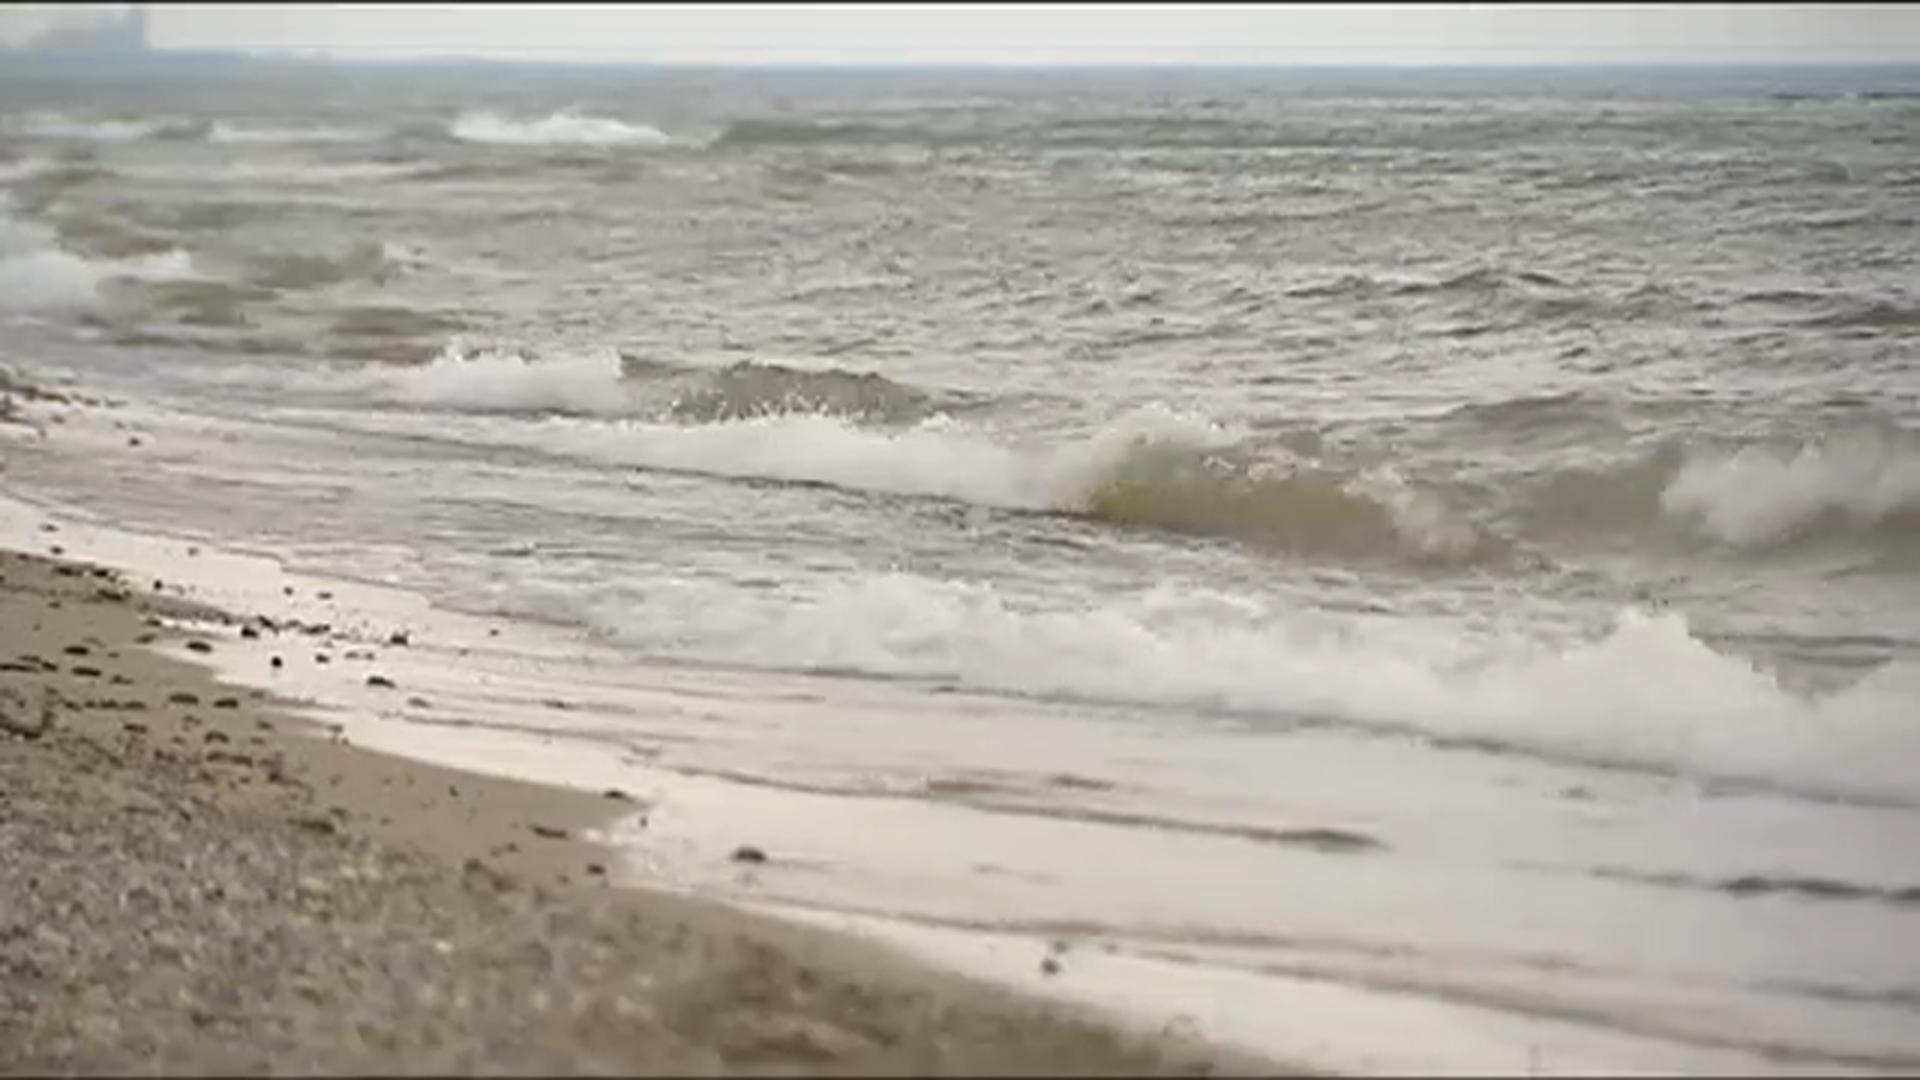 Lake Michigan drownings up 80 percent this year, Great Lakes